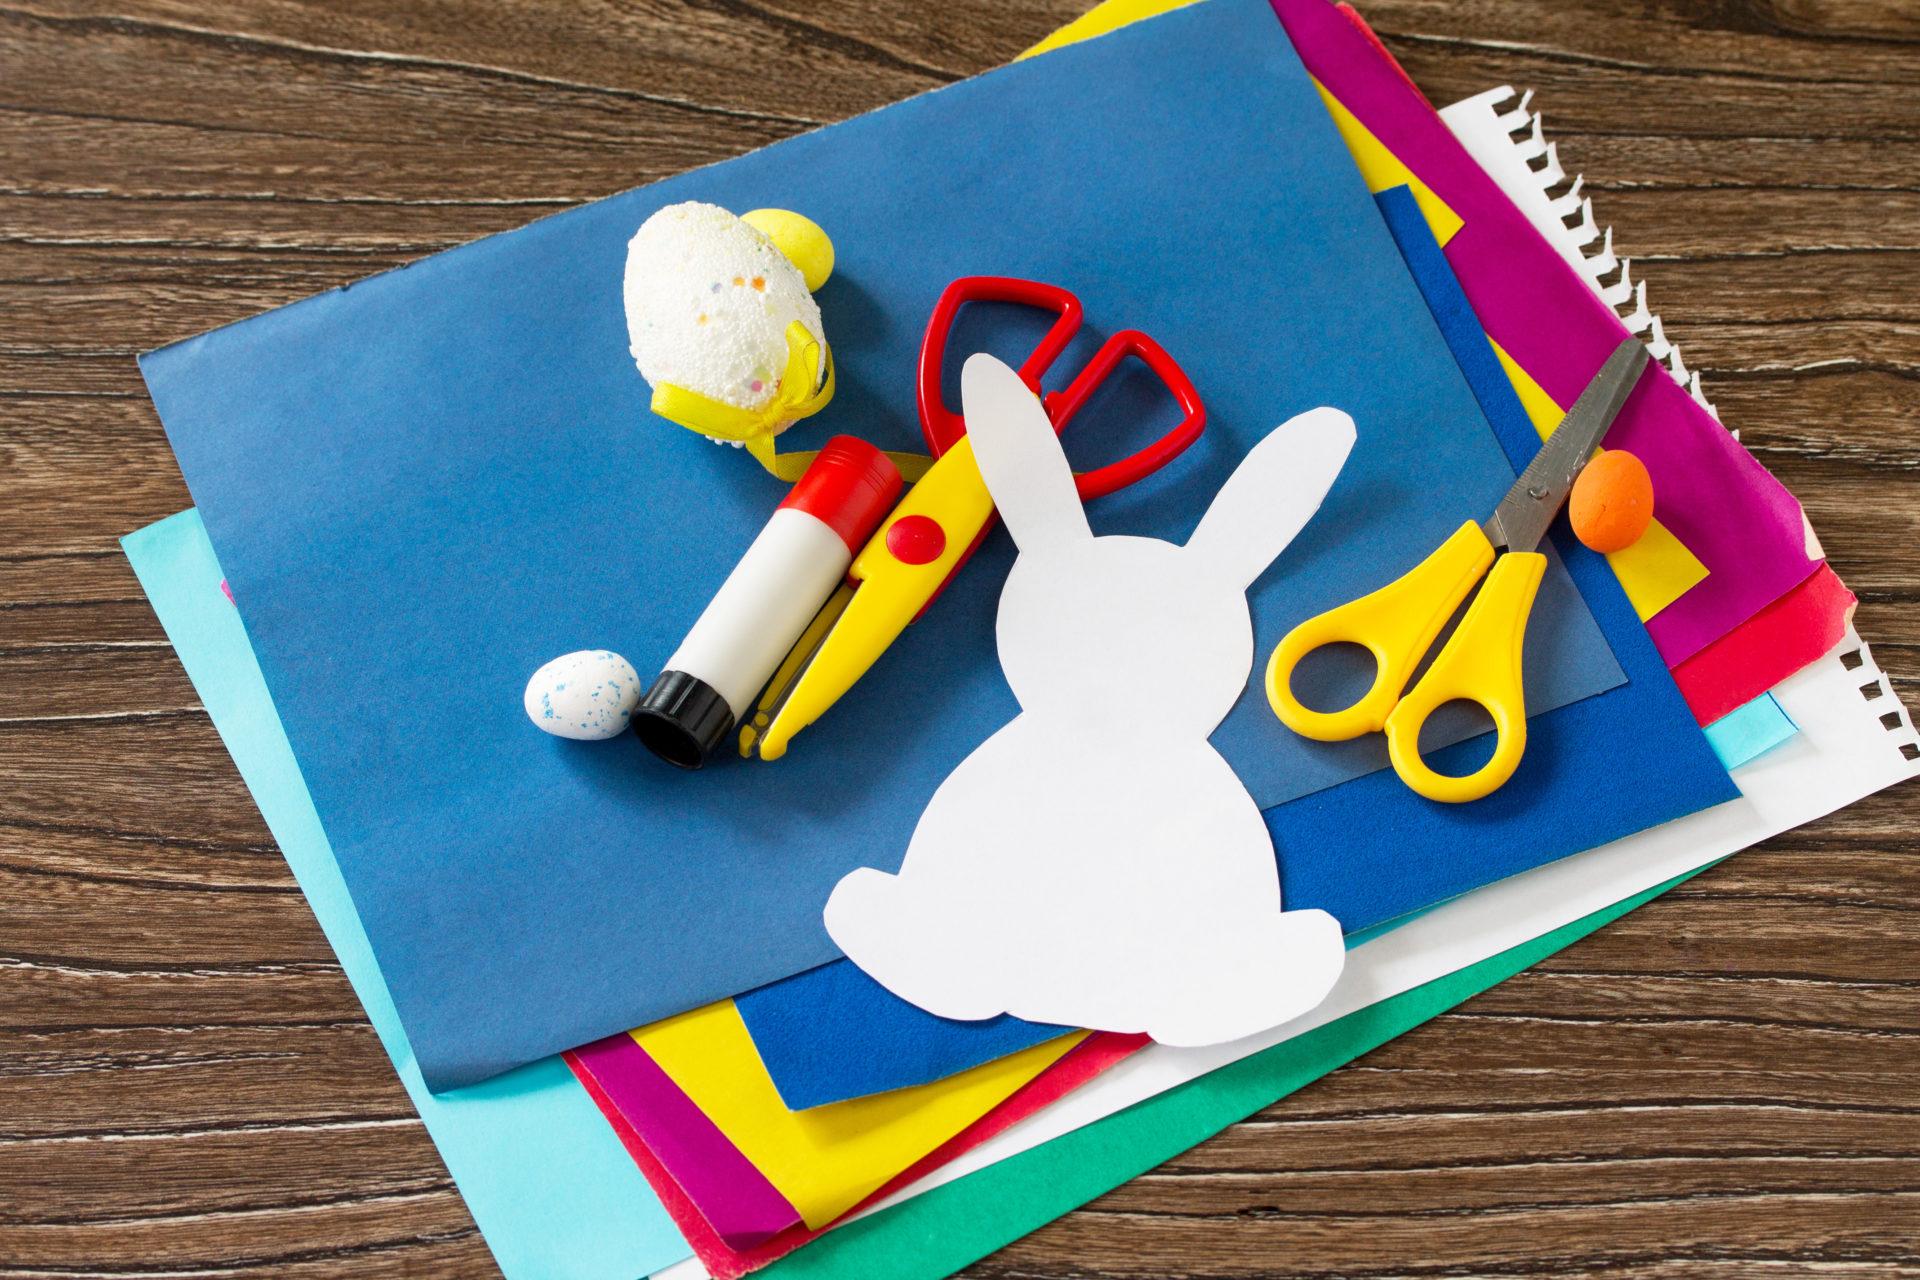 Bricolage Paques Maternelle Et Cp - Un Max D'idées encequiconcerne Activité Manuelle Enfant 4 Ans